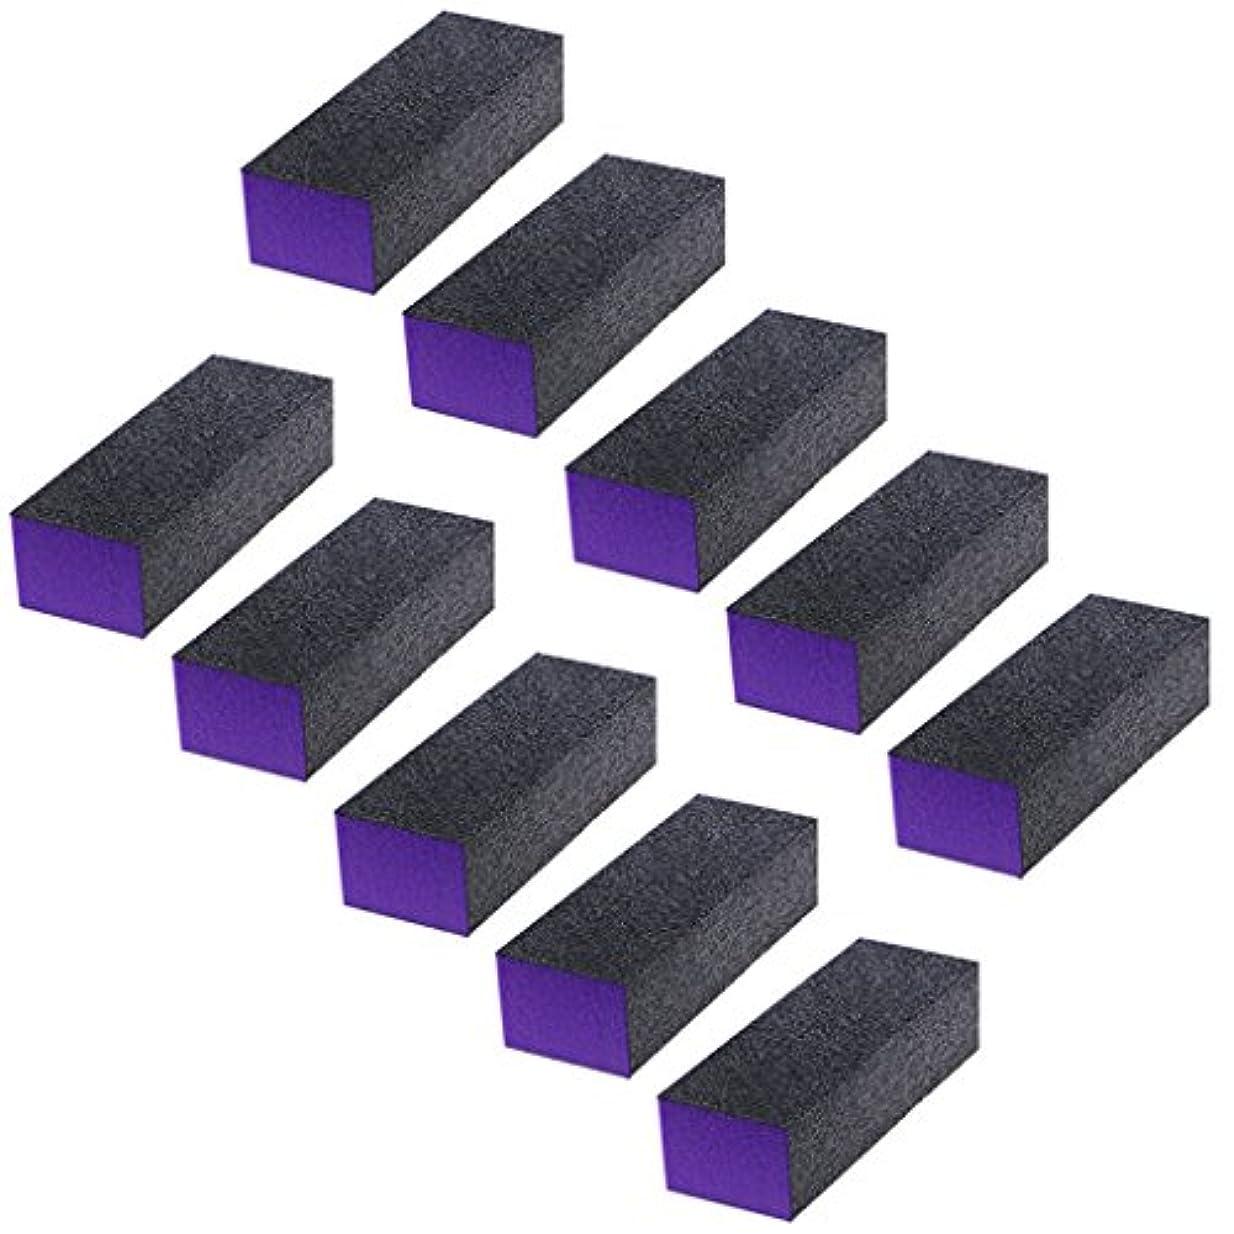 給料鉄道夫婦Sharring 10個黒紫アップロードバフ研磨サンディングブロックファイルグリットネイルアートツールセット [並行輸入品]